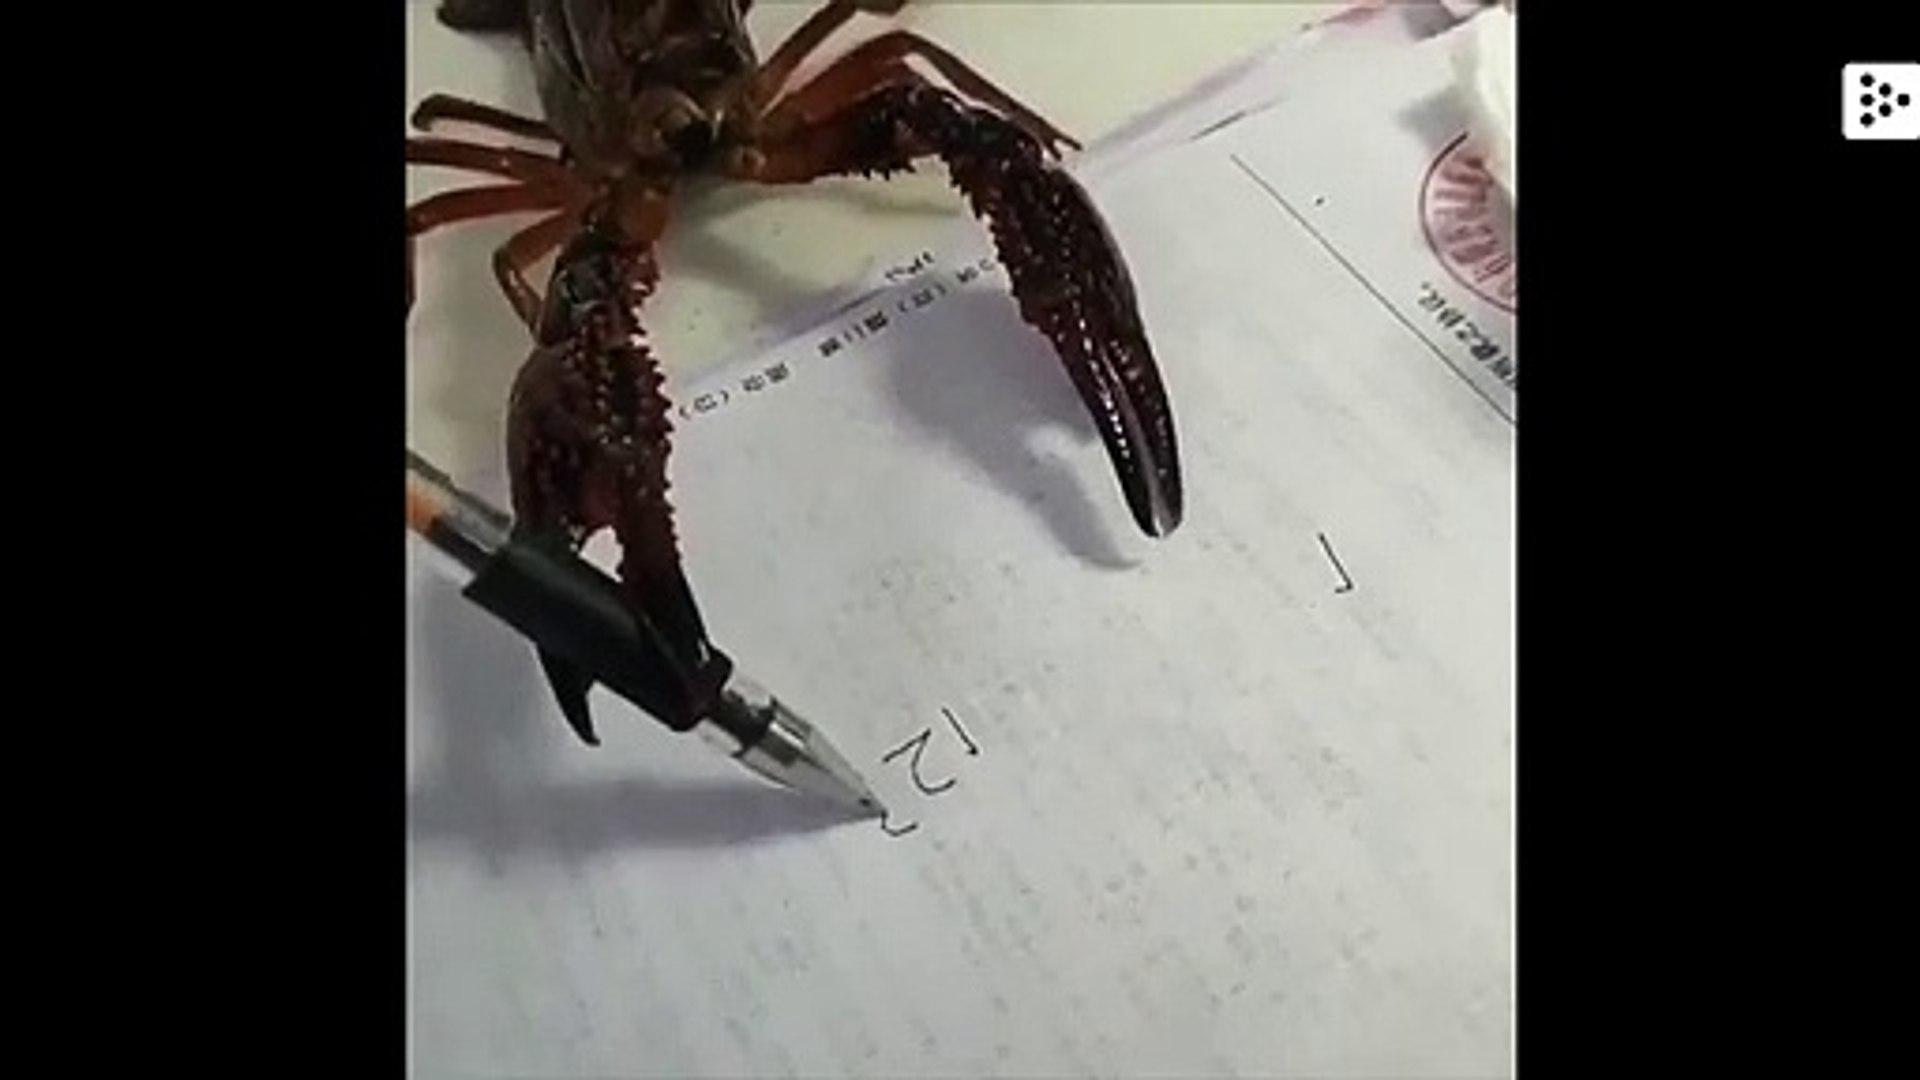 El sorprendente vídeo de un bogavante escribiendo una serie numérica